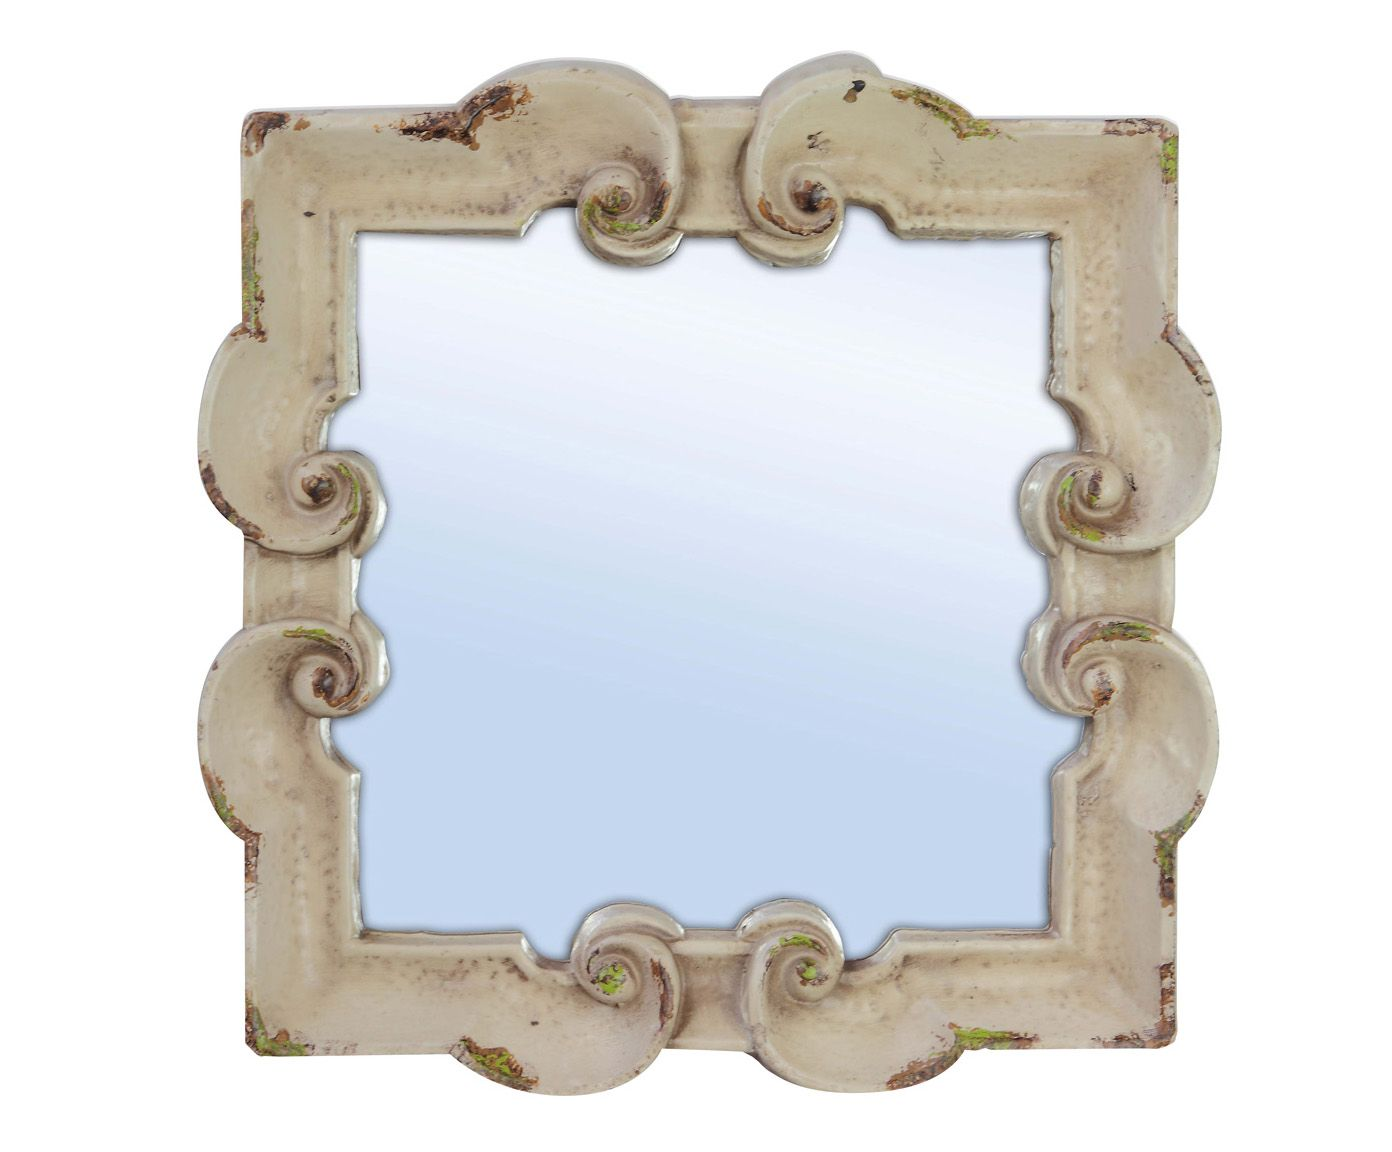 Зеркало - полистоун - кремовый - 32x32x3 см | Westwing Интерьер & Дизайн